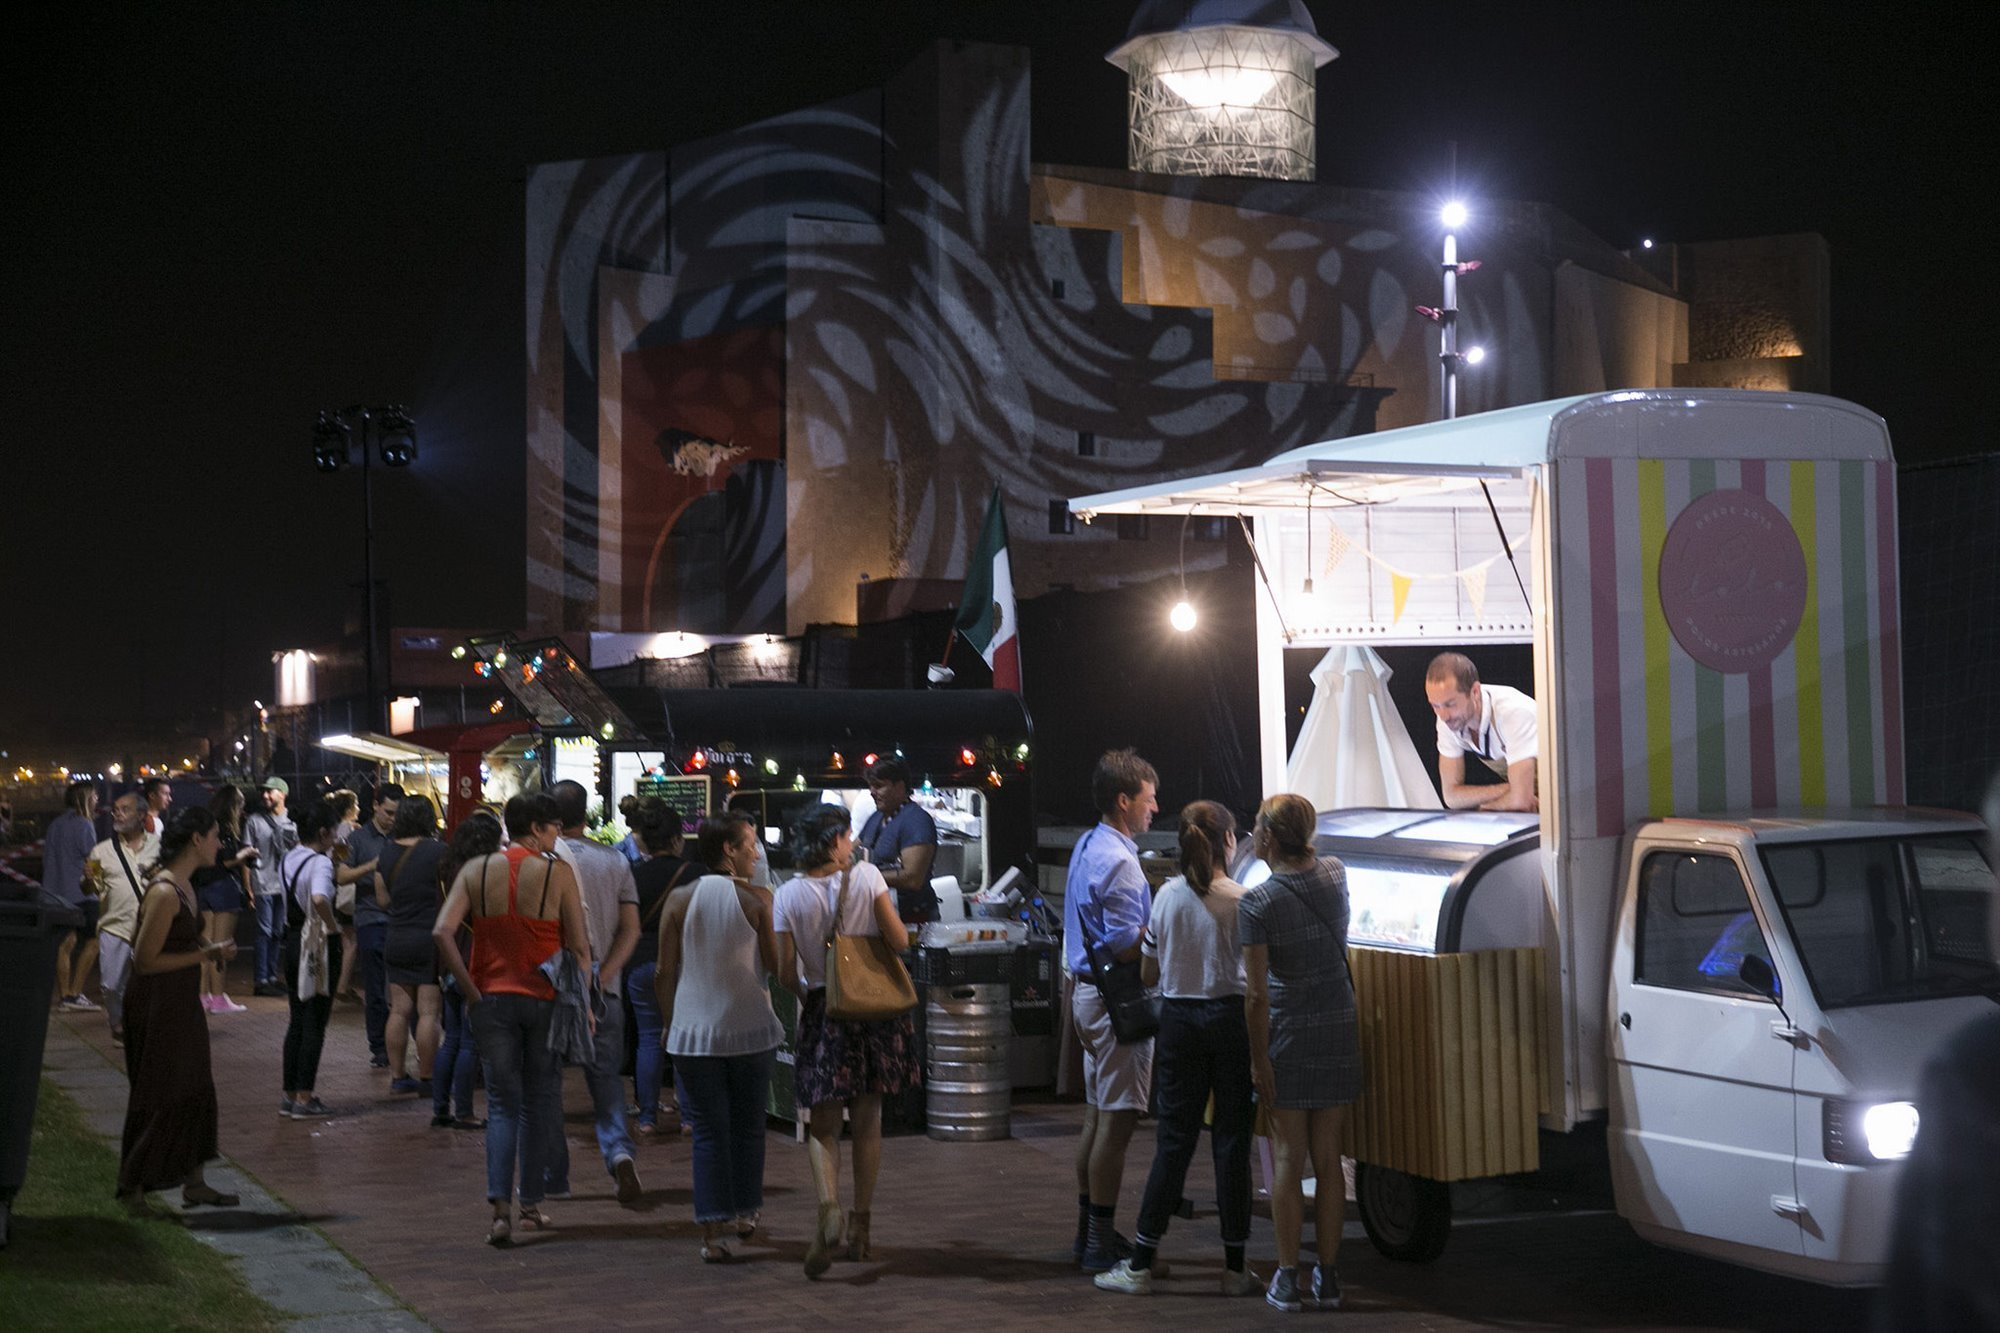 Festival Cero . Festival Cero y otras porpuestas culturales